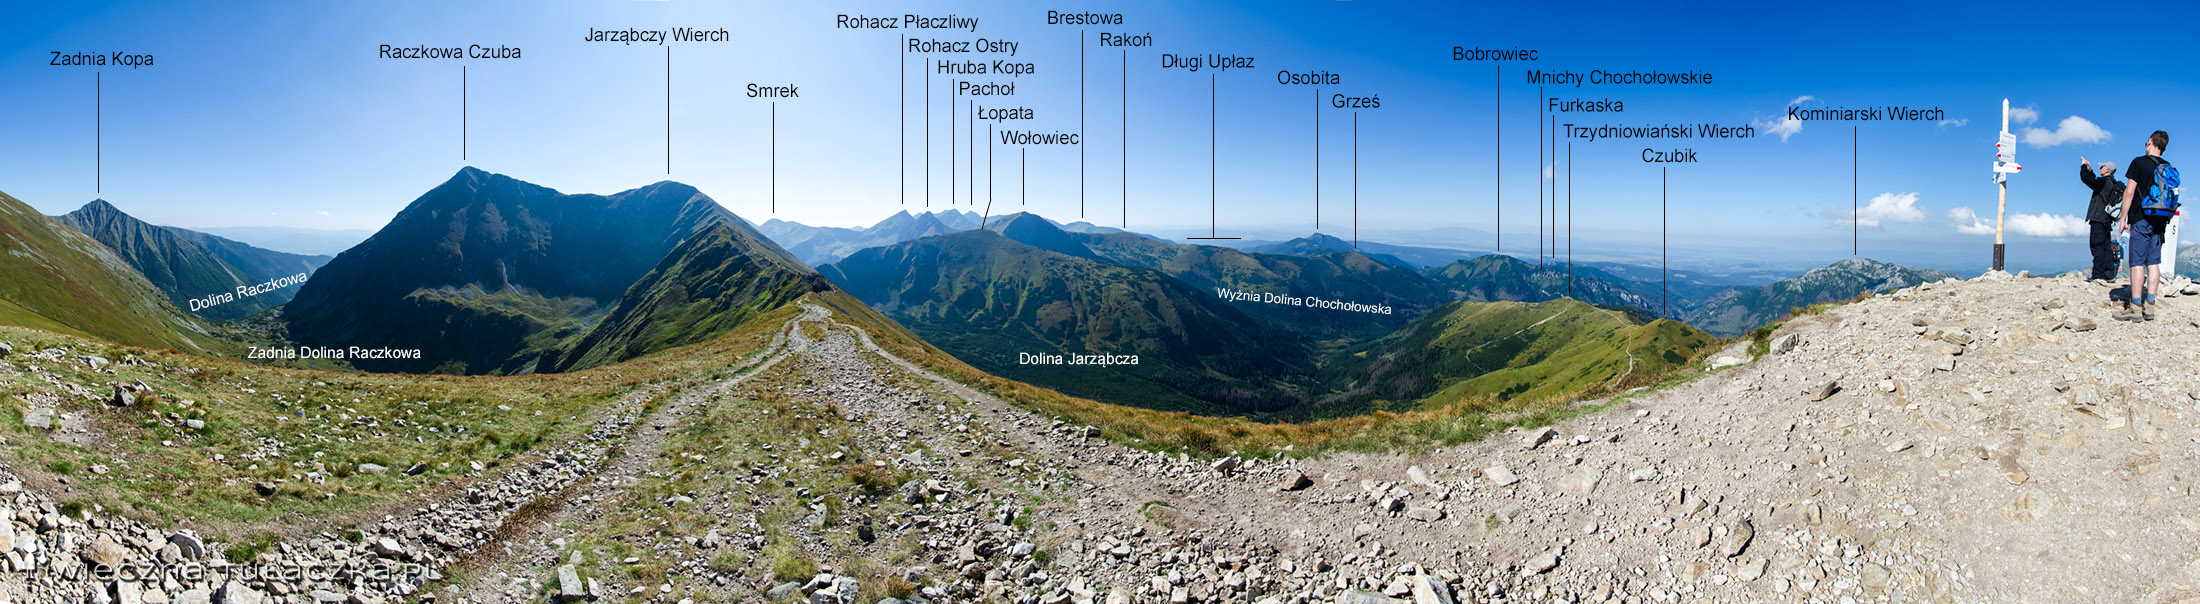 Panorama z Kończystego Wierchu